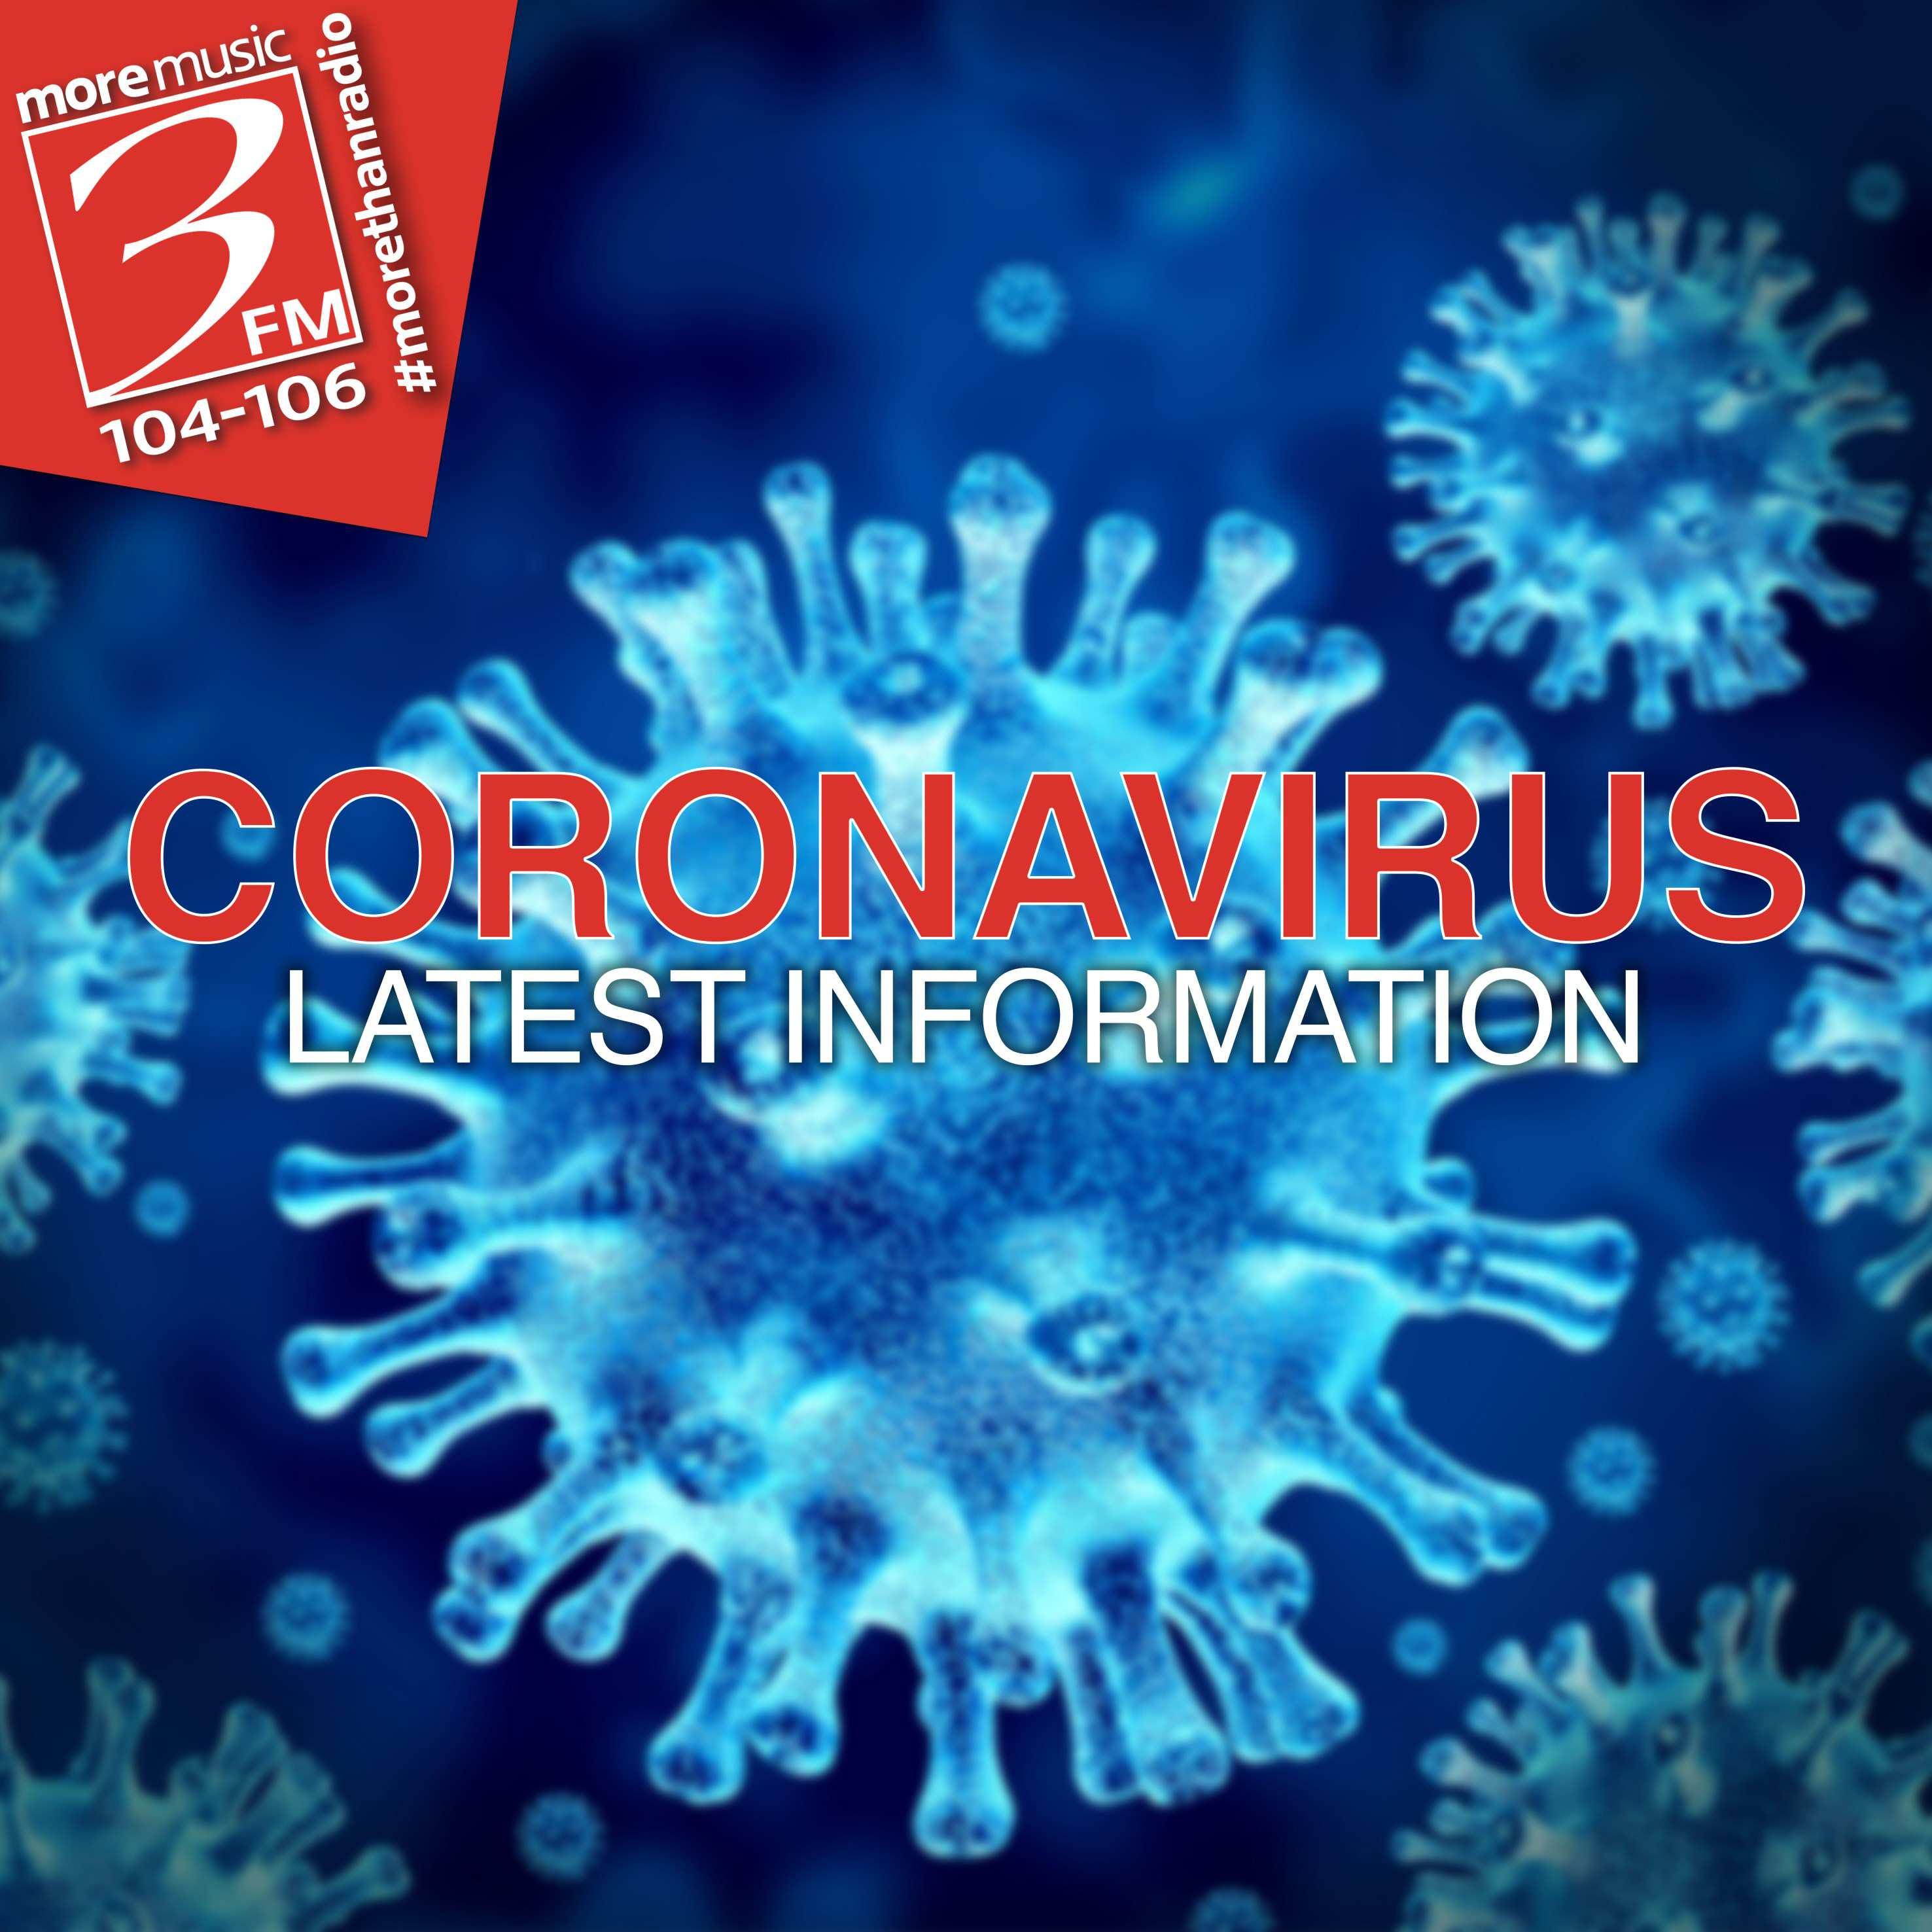 3FM's Coronavirus Update